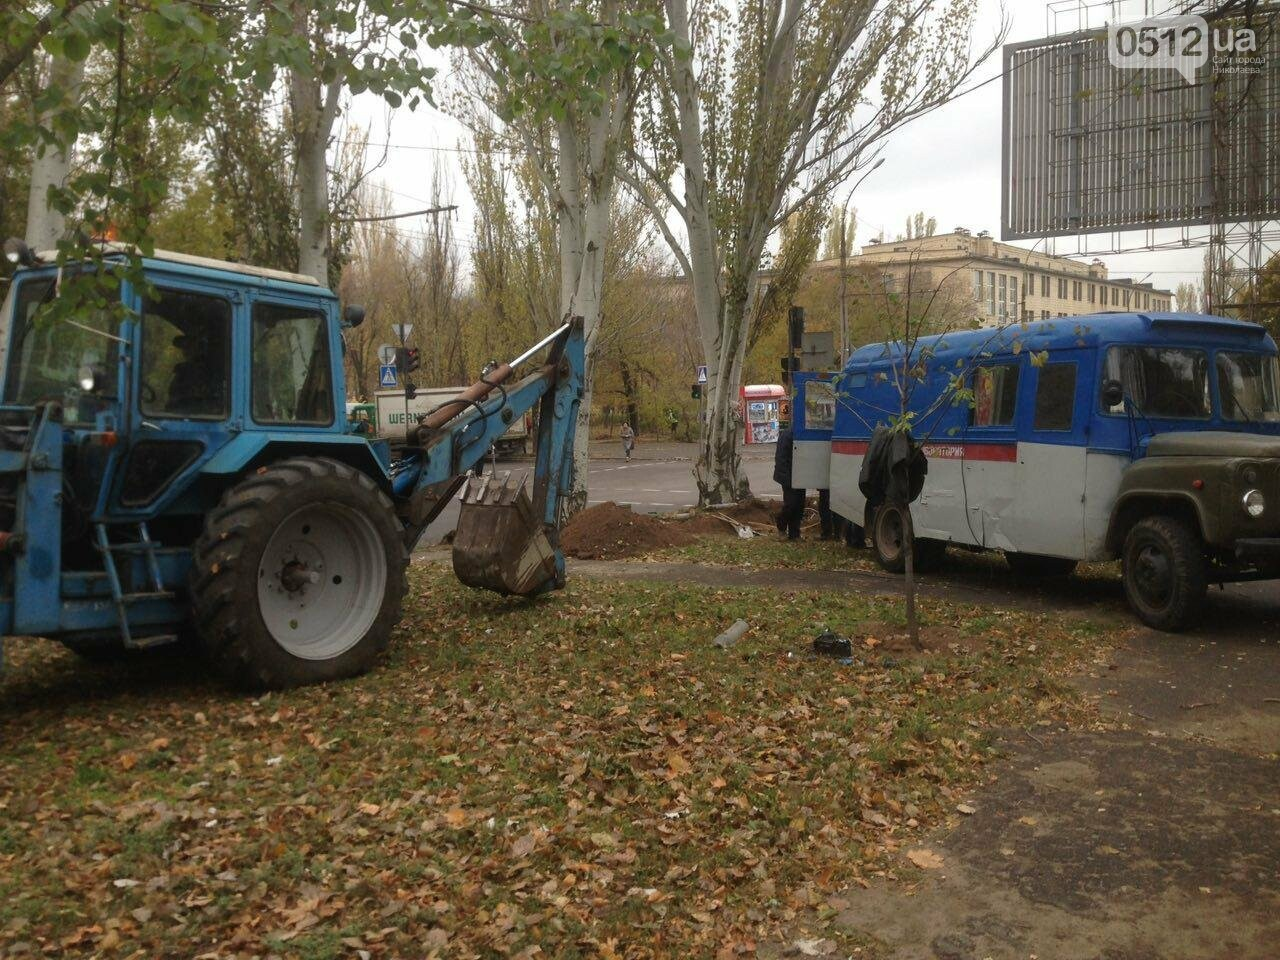 Сотрудники трамвайно-троллейбусного депо устанавливают высоковольтный кабель в центре Николаева, - ФОТО, фото-5